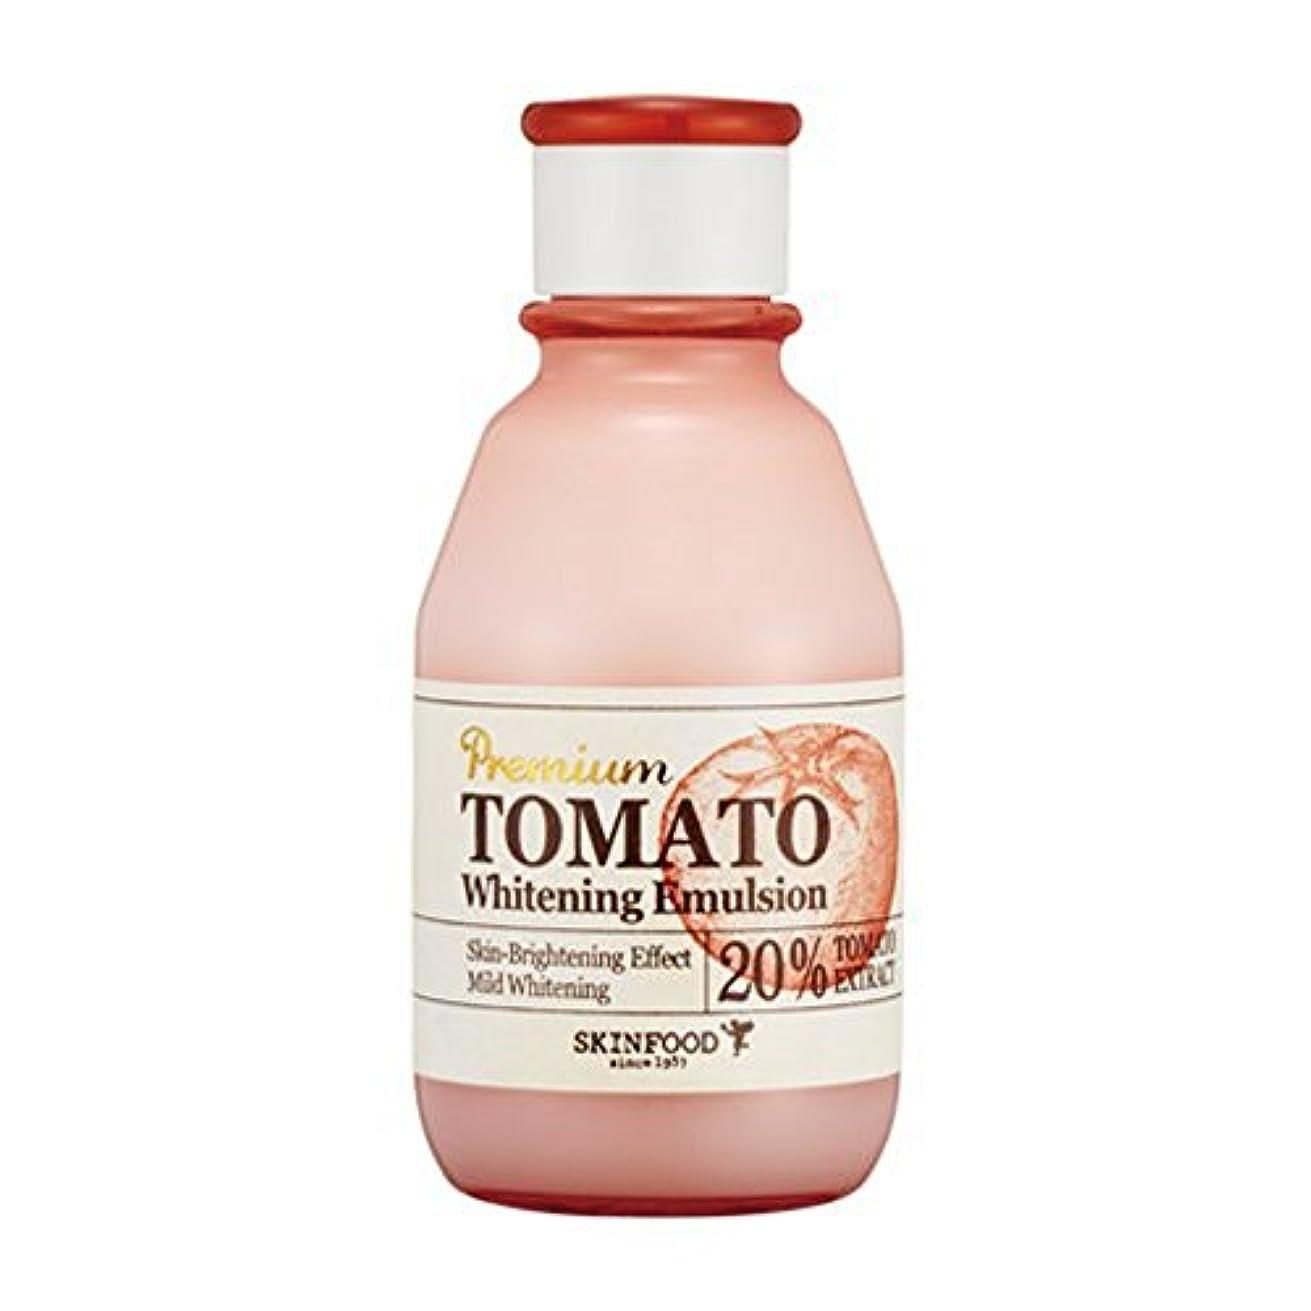 感情さまようひどくSKINFOOD スキンフード トマト?ホワイトニング?乳液?エマルジョン 140ml (Premium Tomato Whitening Emulsion) 海外直送品